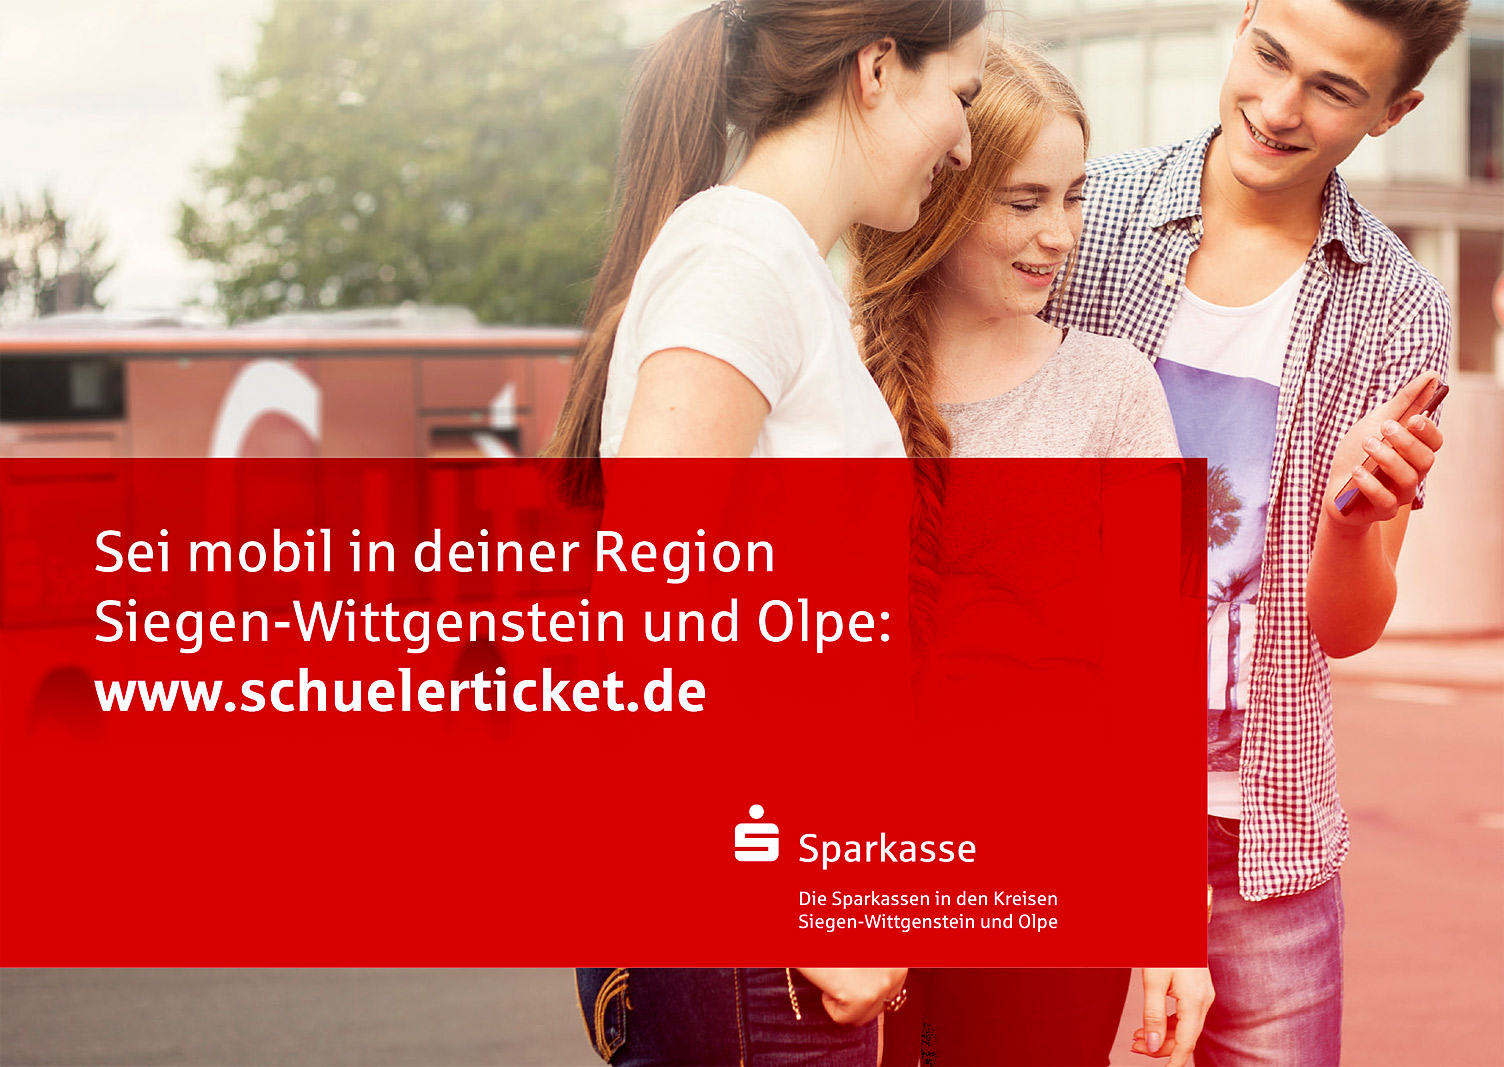 Sparkassen in den Kreisen Siegen-Wittgenstein und Olpe